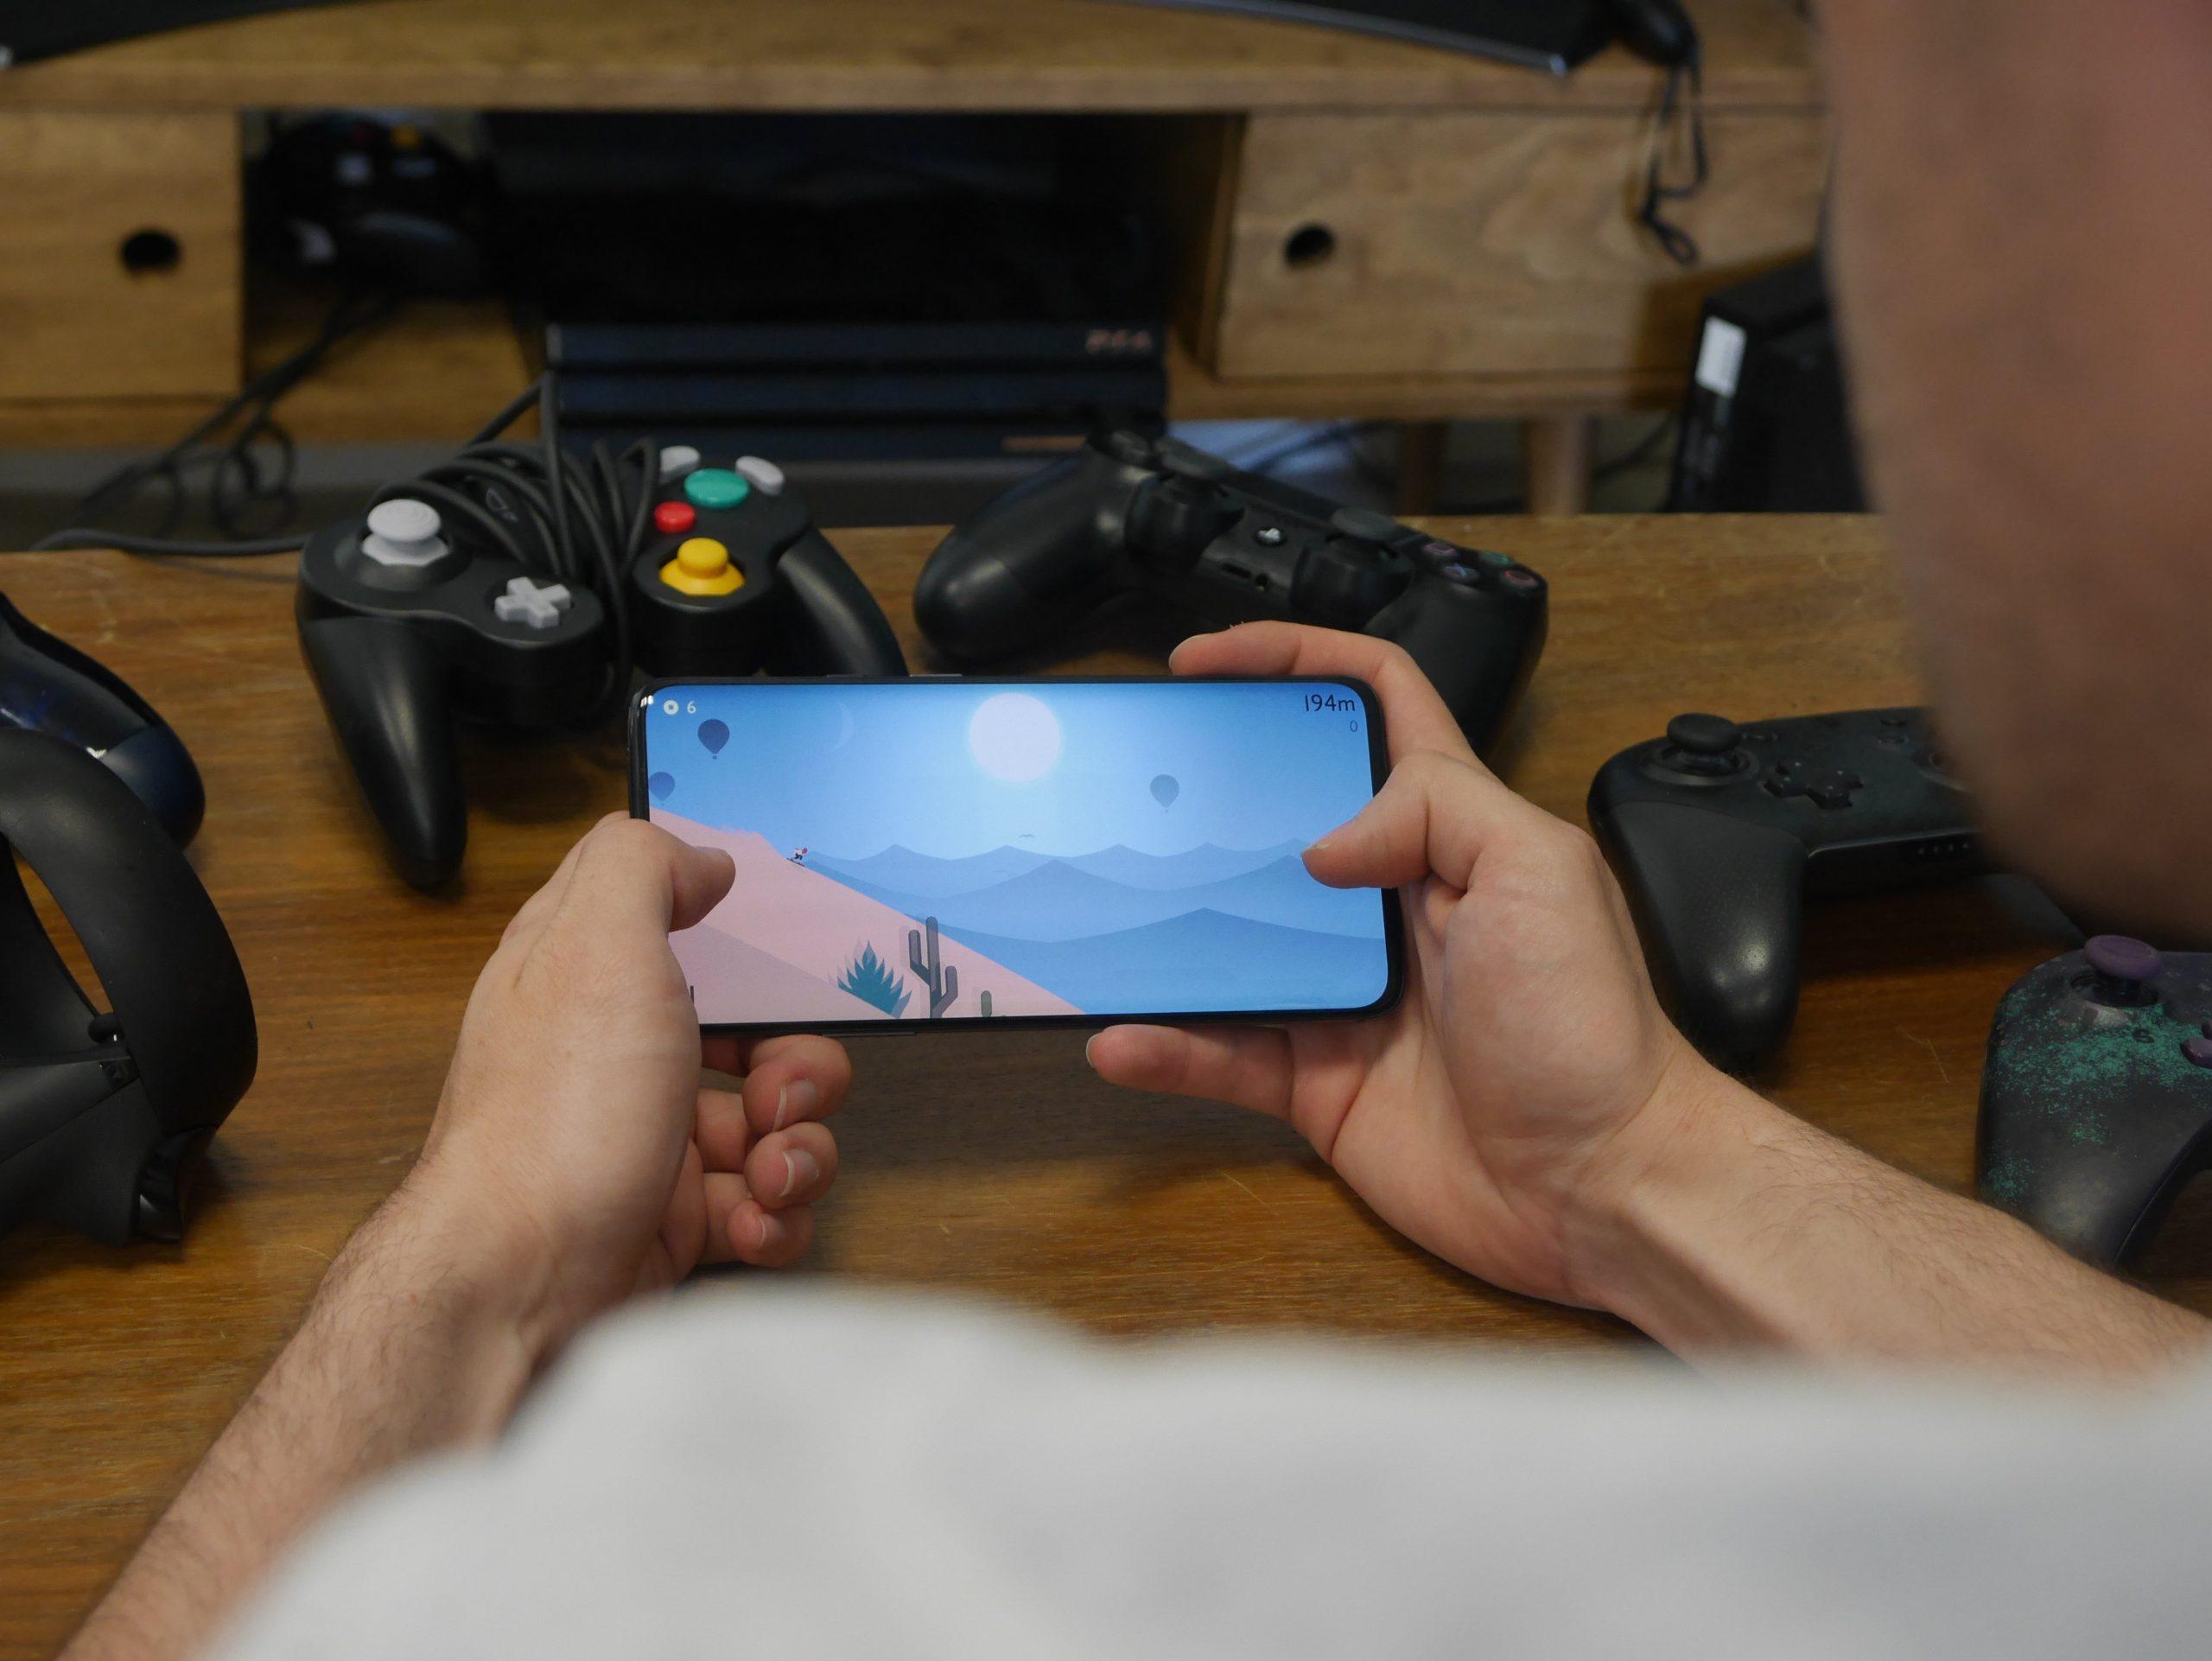 Les Meilleurs Jeux Gratuits Sur Android En 2020 dedans Jeux De Grand Gratuit